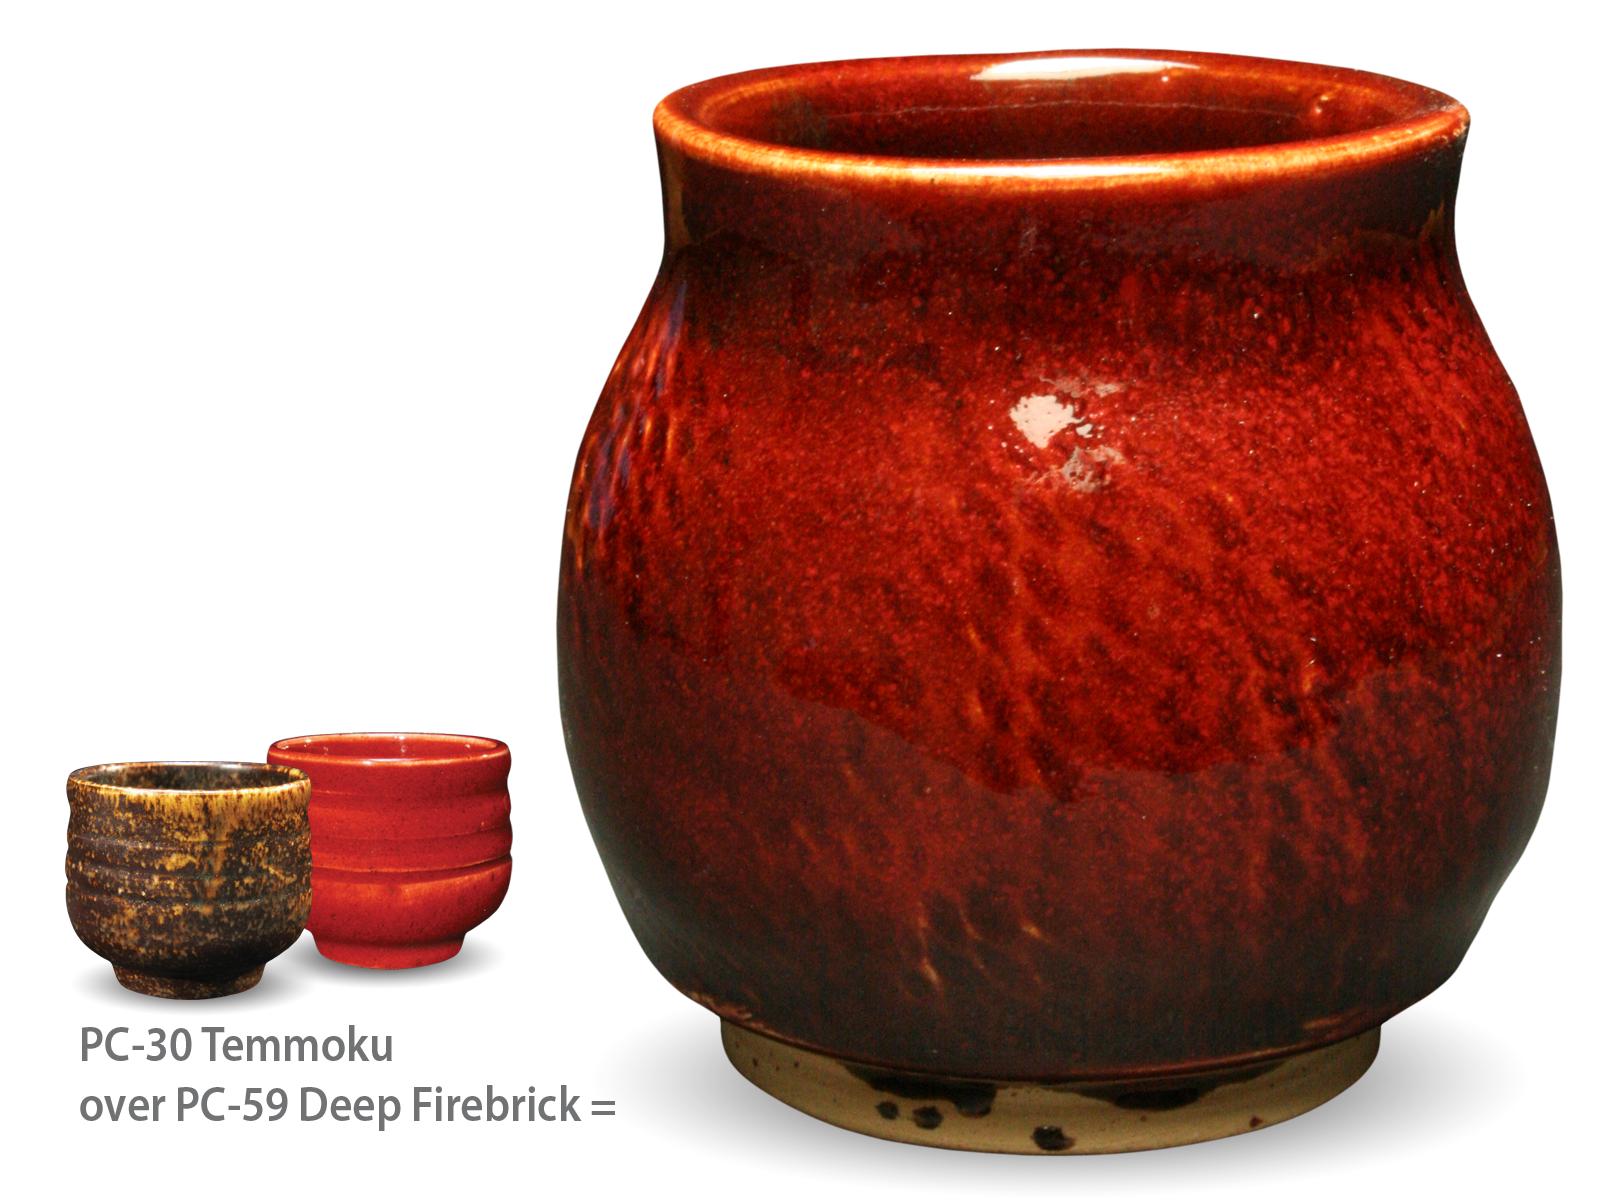 deep firebrick